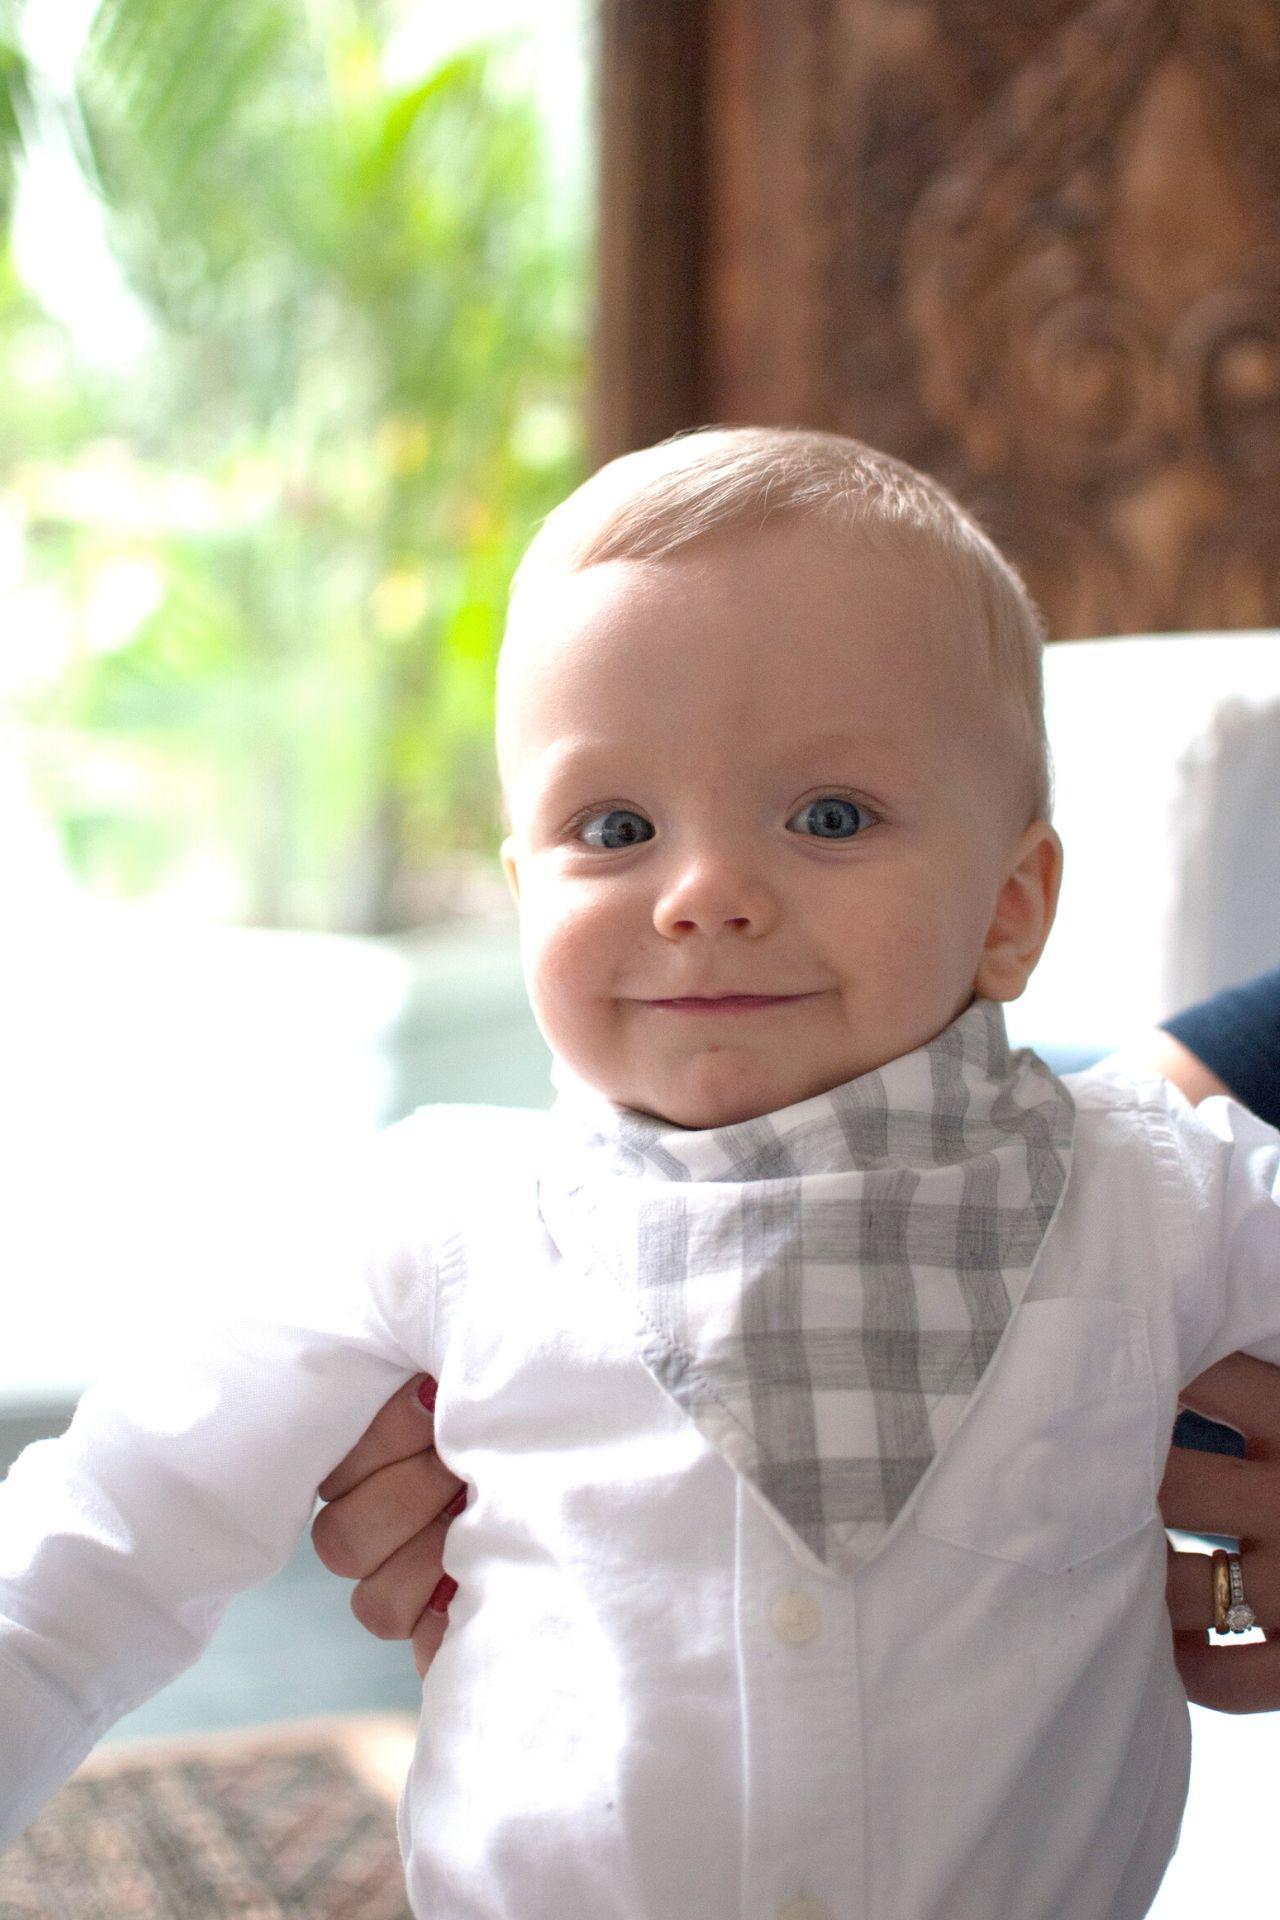 <p>Babero con forma de bandana, con forma triangular y botones por detrás.</p>  <p>Hecho de tela nanzú de 100% algodón pima y tela absorbente de algodón por debajo.</p>  <p>16 cms de largo.</p>